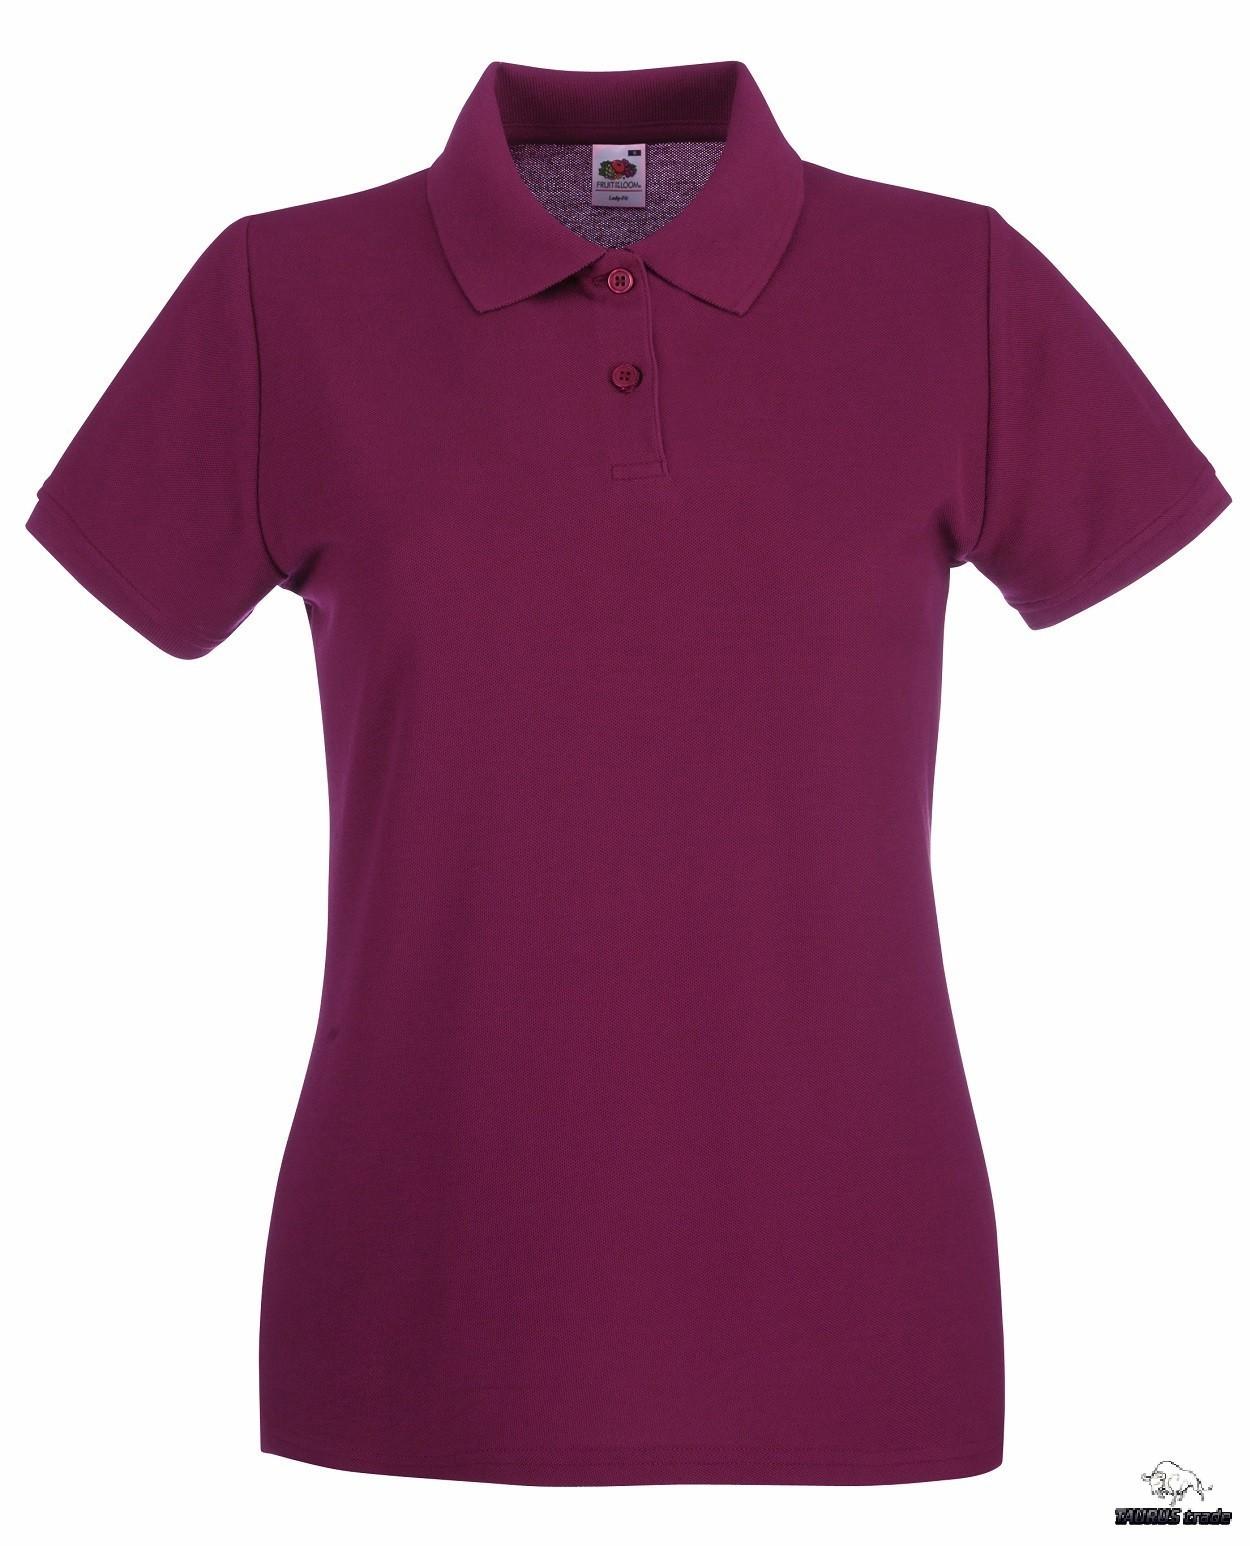 63-030-burgundy